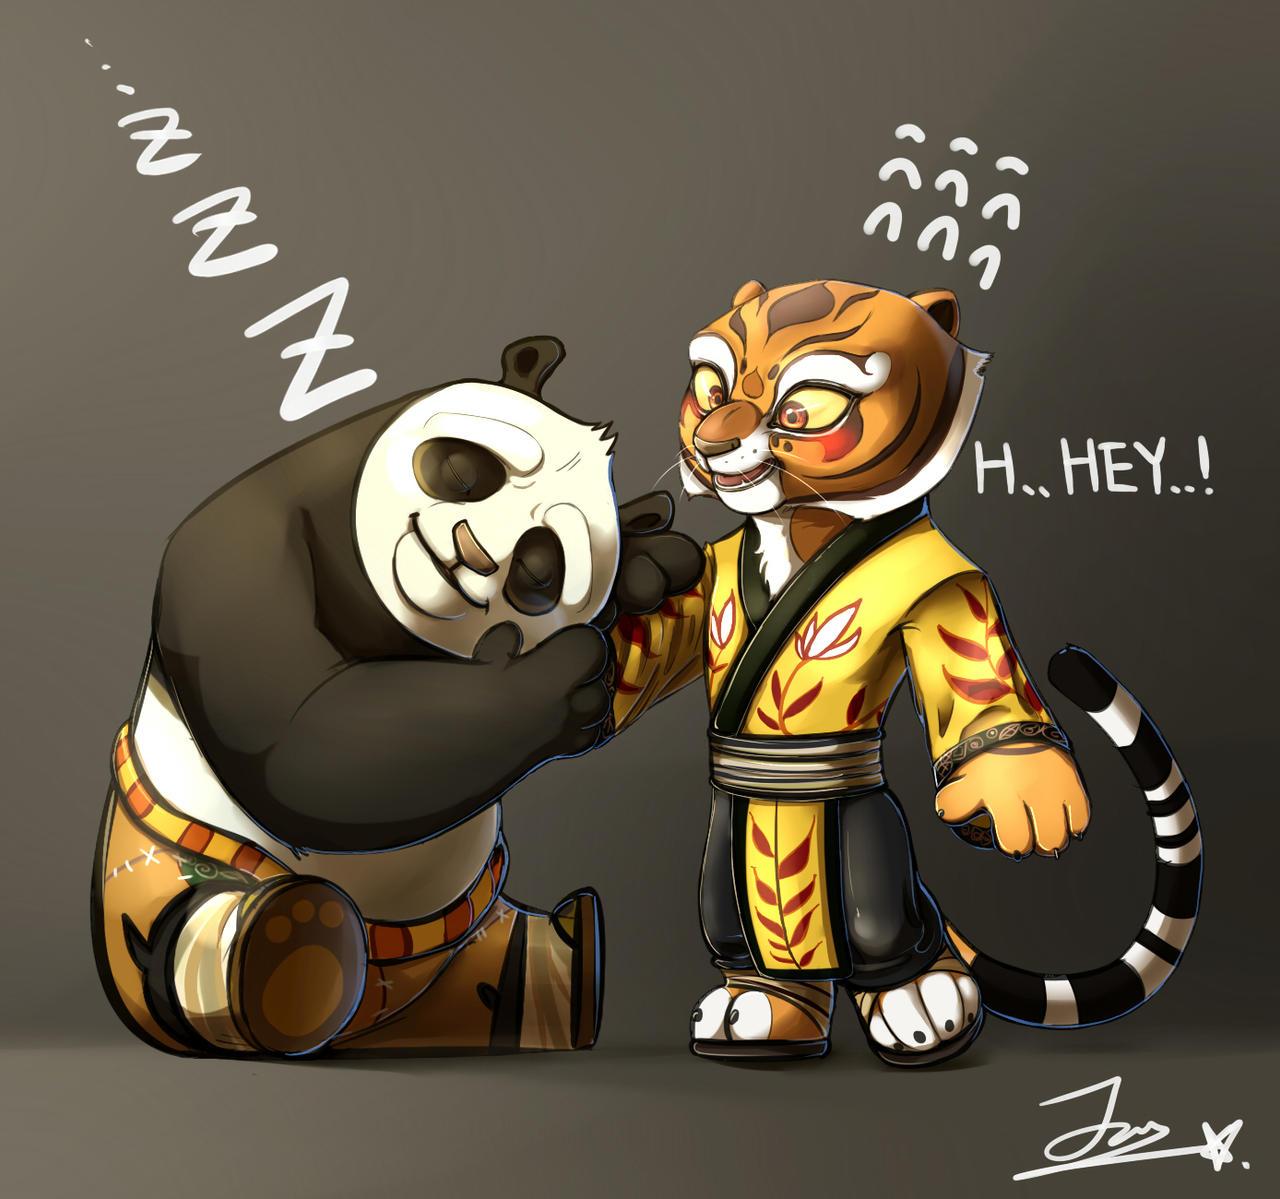 Kung fu panda 3 by jan...